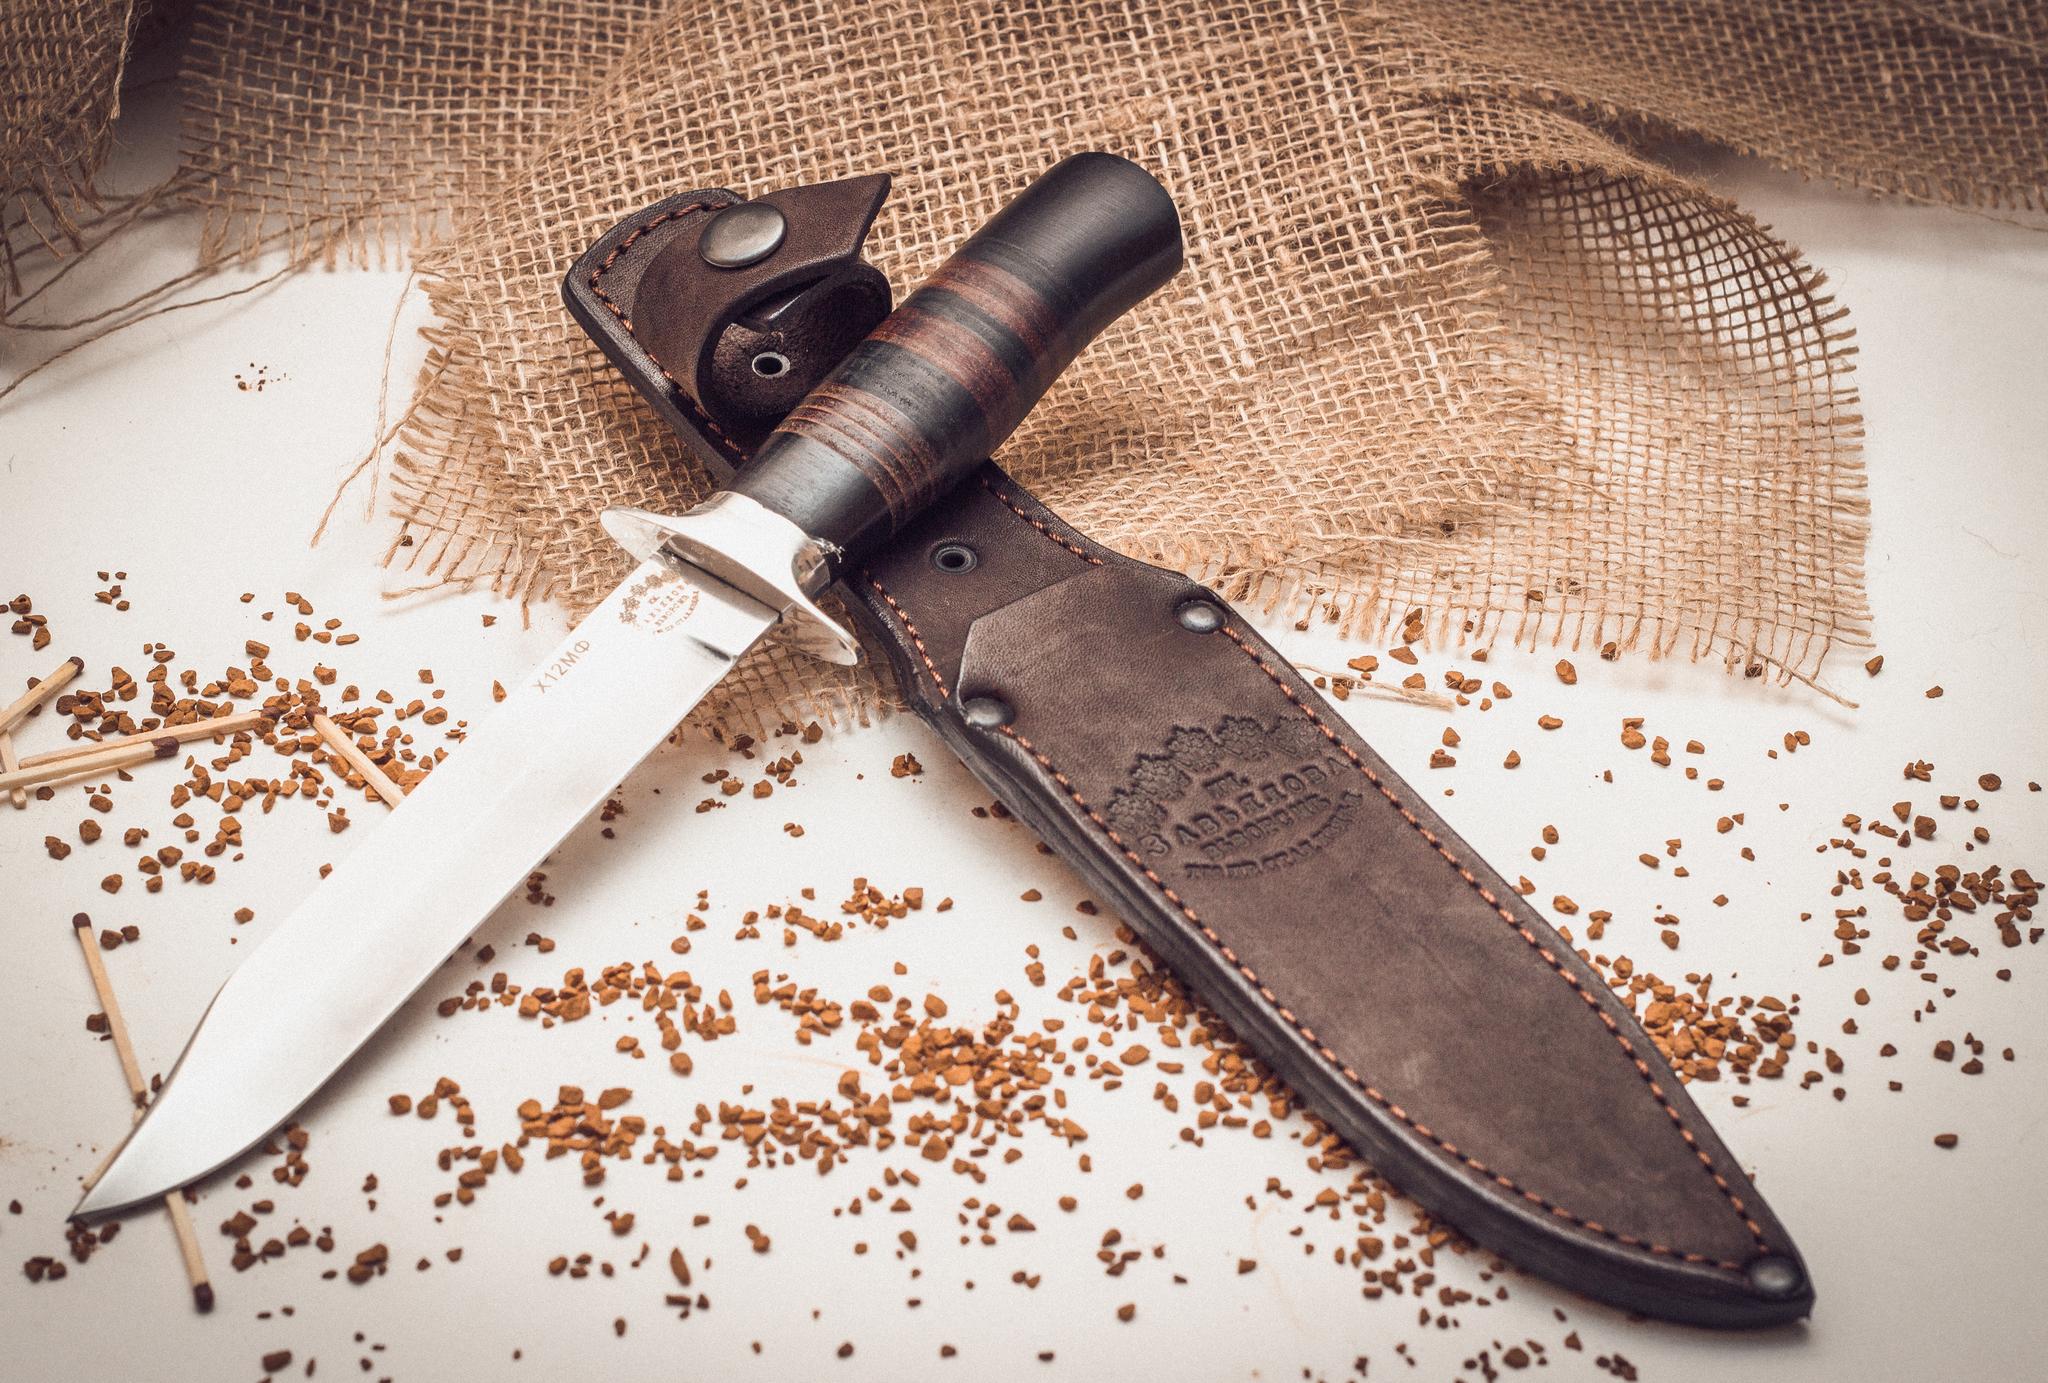 Нож разведчика, Х12МФ, черный граб, кожаНожи разведчика НР, Финки НКВД<br>Для самых опасных экспедиций и отчаянных приключений нужен прочный и надежный нож. Нож, на который можно положиться даже в самой экстремальной ситуации. Нож Разведчика смело можно отнести именно к таким ножам. Во-первых, его клинок изготовлен из кованой стали Х12МФ, что обеспечивает ножу максимальную надежность и прочность. Клинок из этой стали долго остается острым. Во-вторых, нож оснащен развитым упором, который повышает безопасность использования этого ножа. В-третьих, геометрия клинка хорошо приспособлена для реза, уколов и рубки. В качестве дополнительного бонуса, нож укомплектован удобными кожаными ножнами, которые исключают выпадение ножа при активном движении по пересеченной местности.<br>